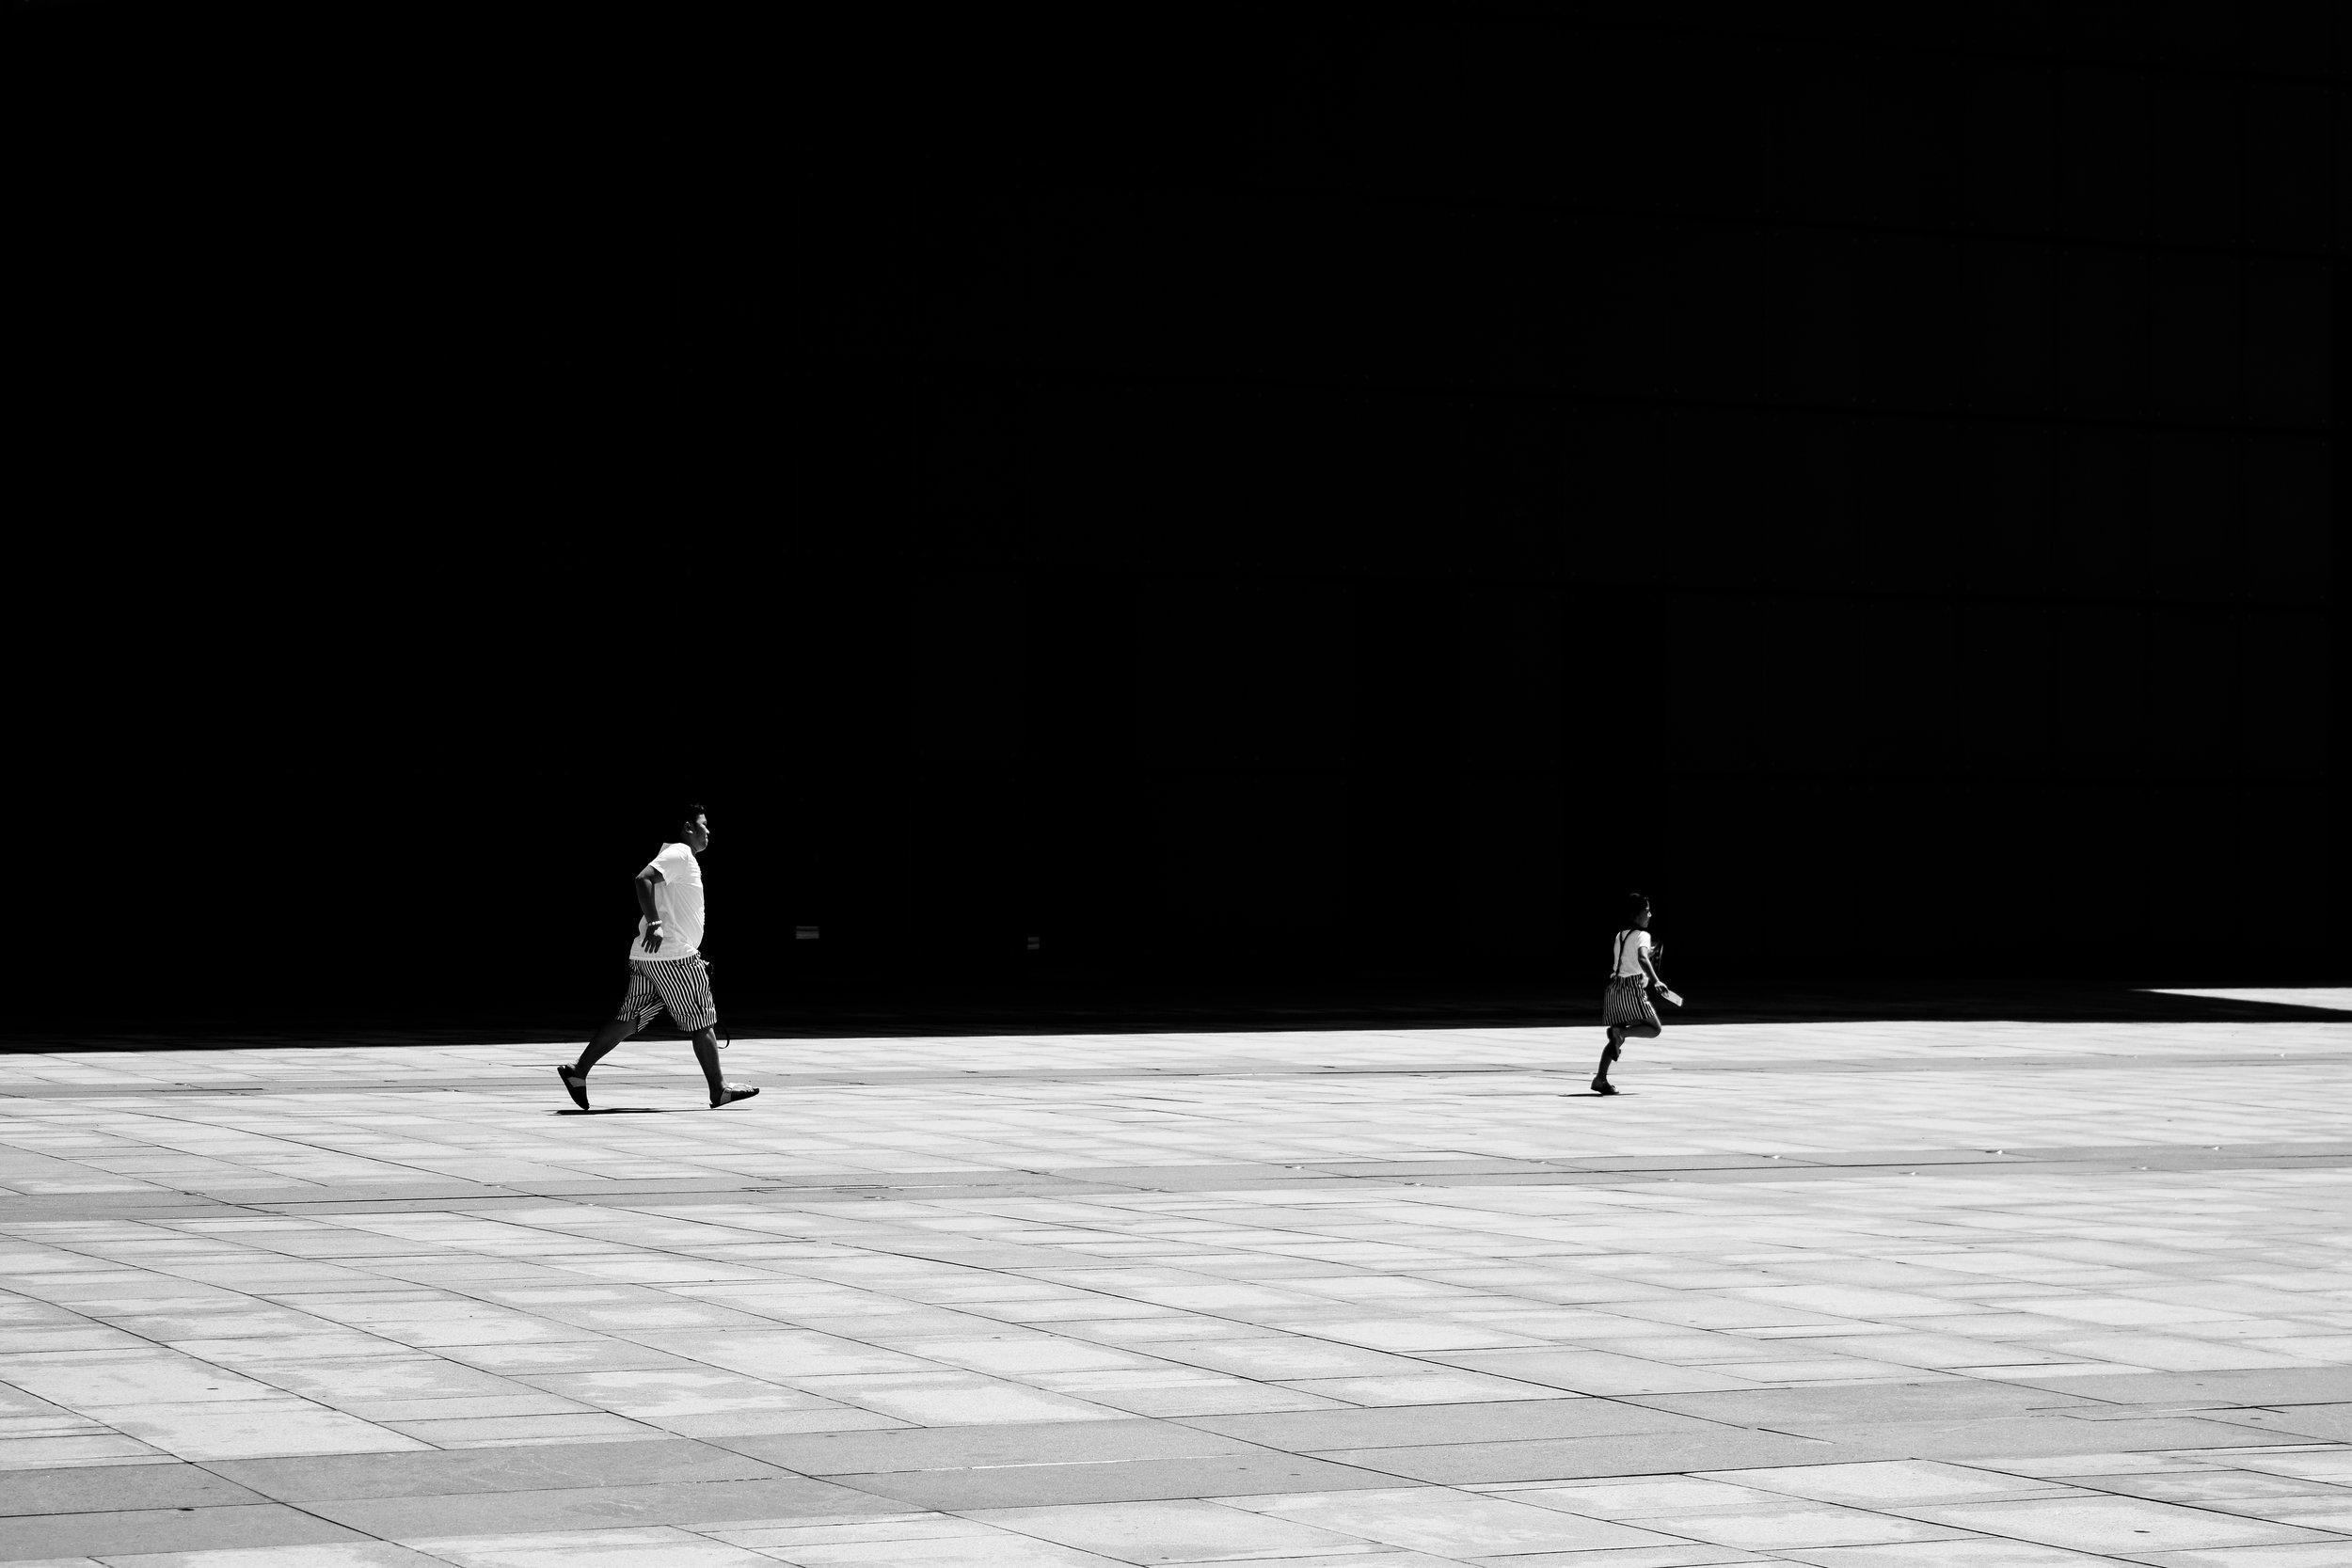 视觉参考/施健豪 街头摄影作品